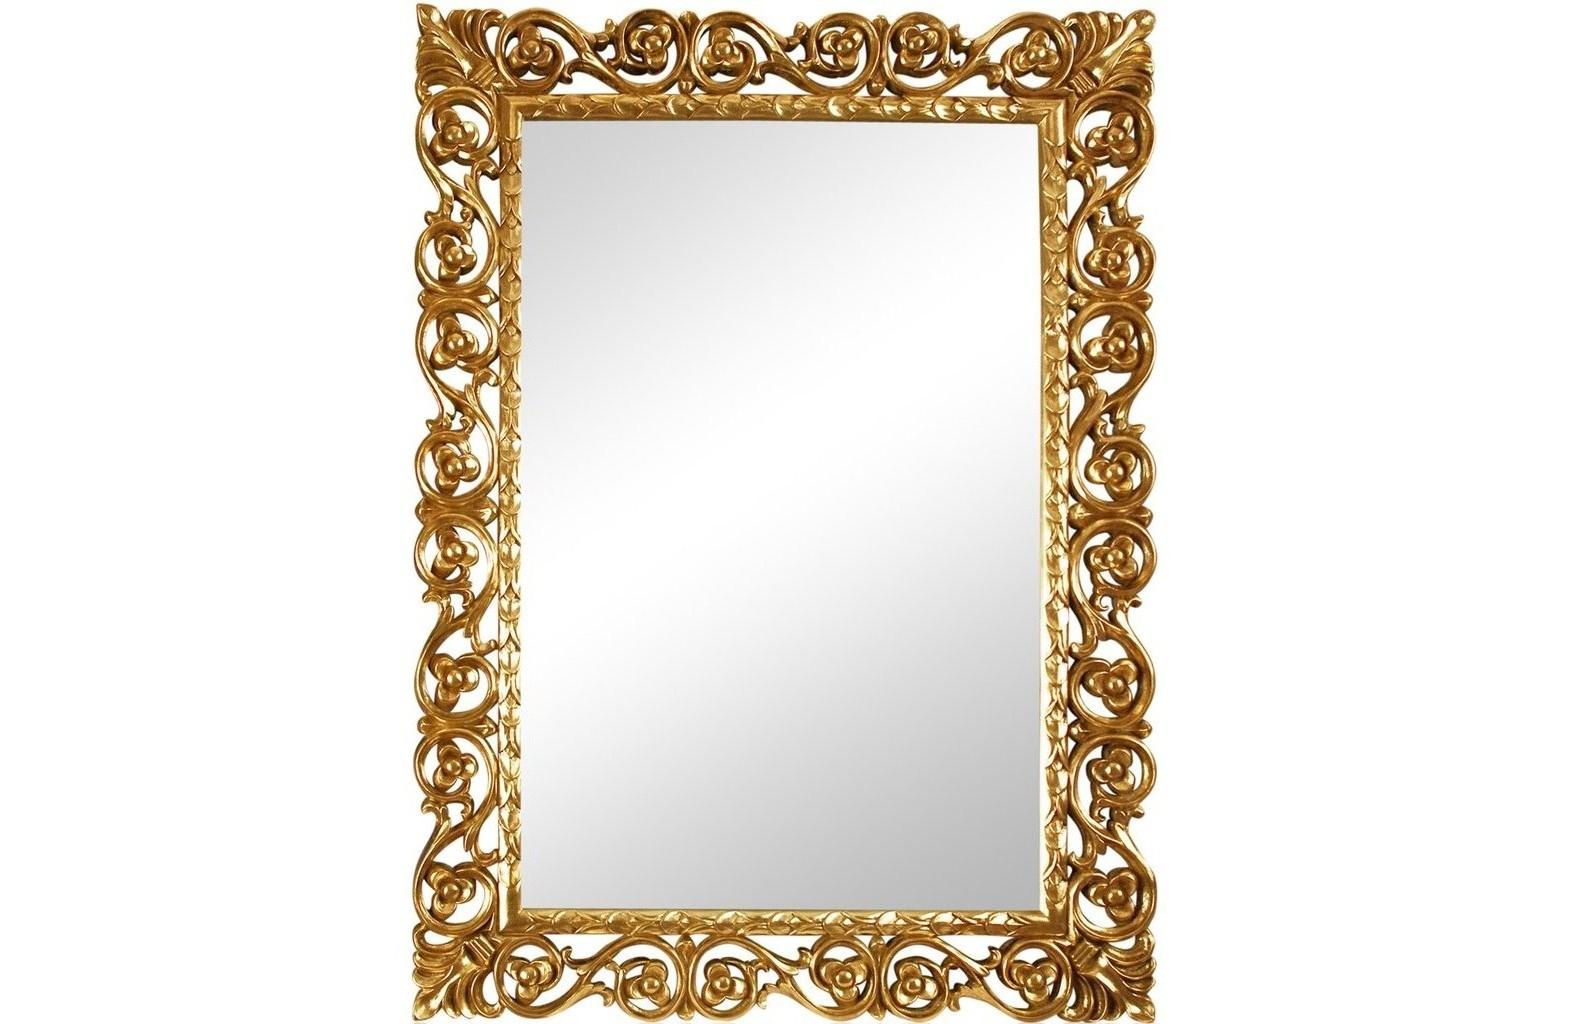 Зеркало БергамоНастенные зеркала<br>Крепления входят в стоимость.<br><br>Material: Пластик<br>Width см: 84<br>Depth см: 4,5<br>Height см: 115